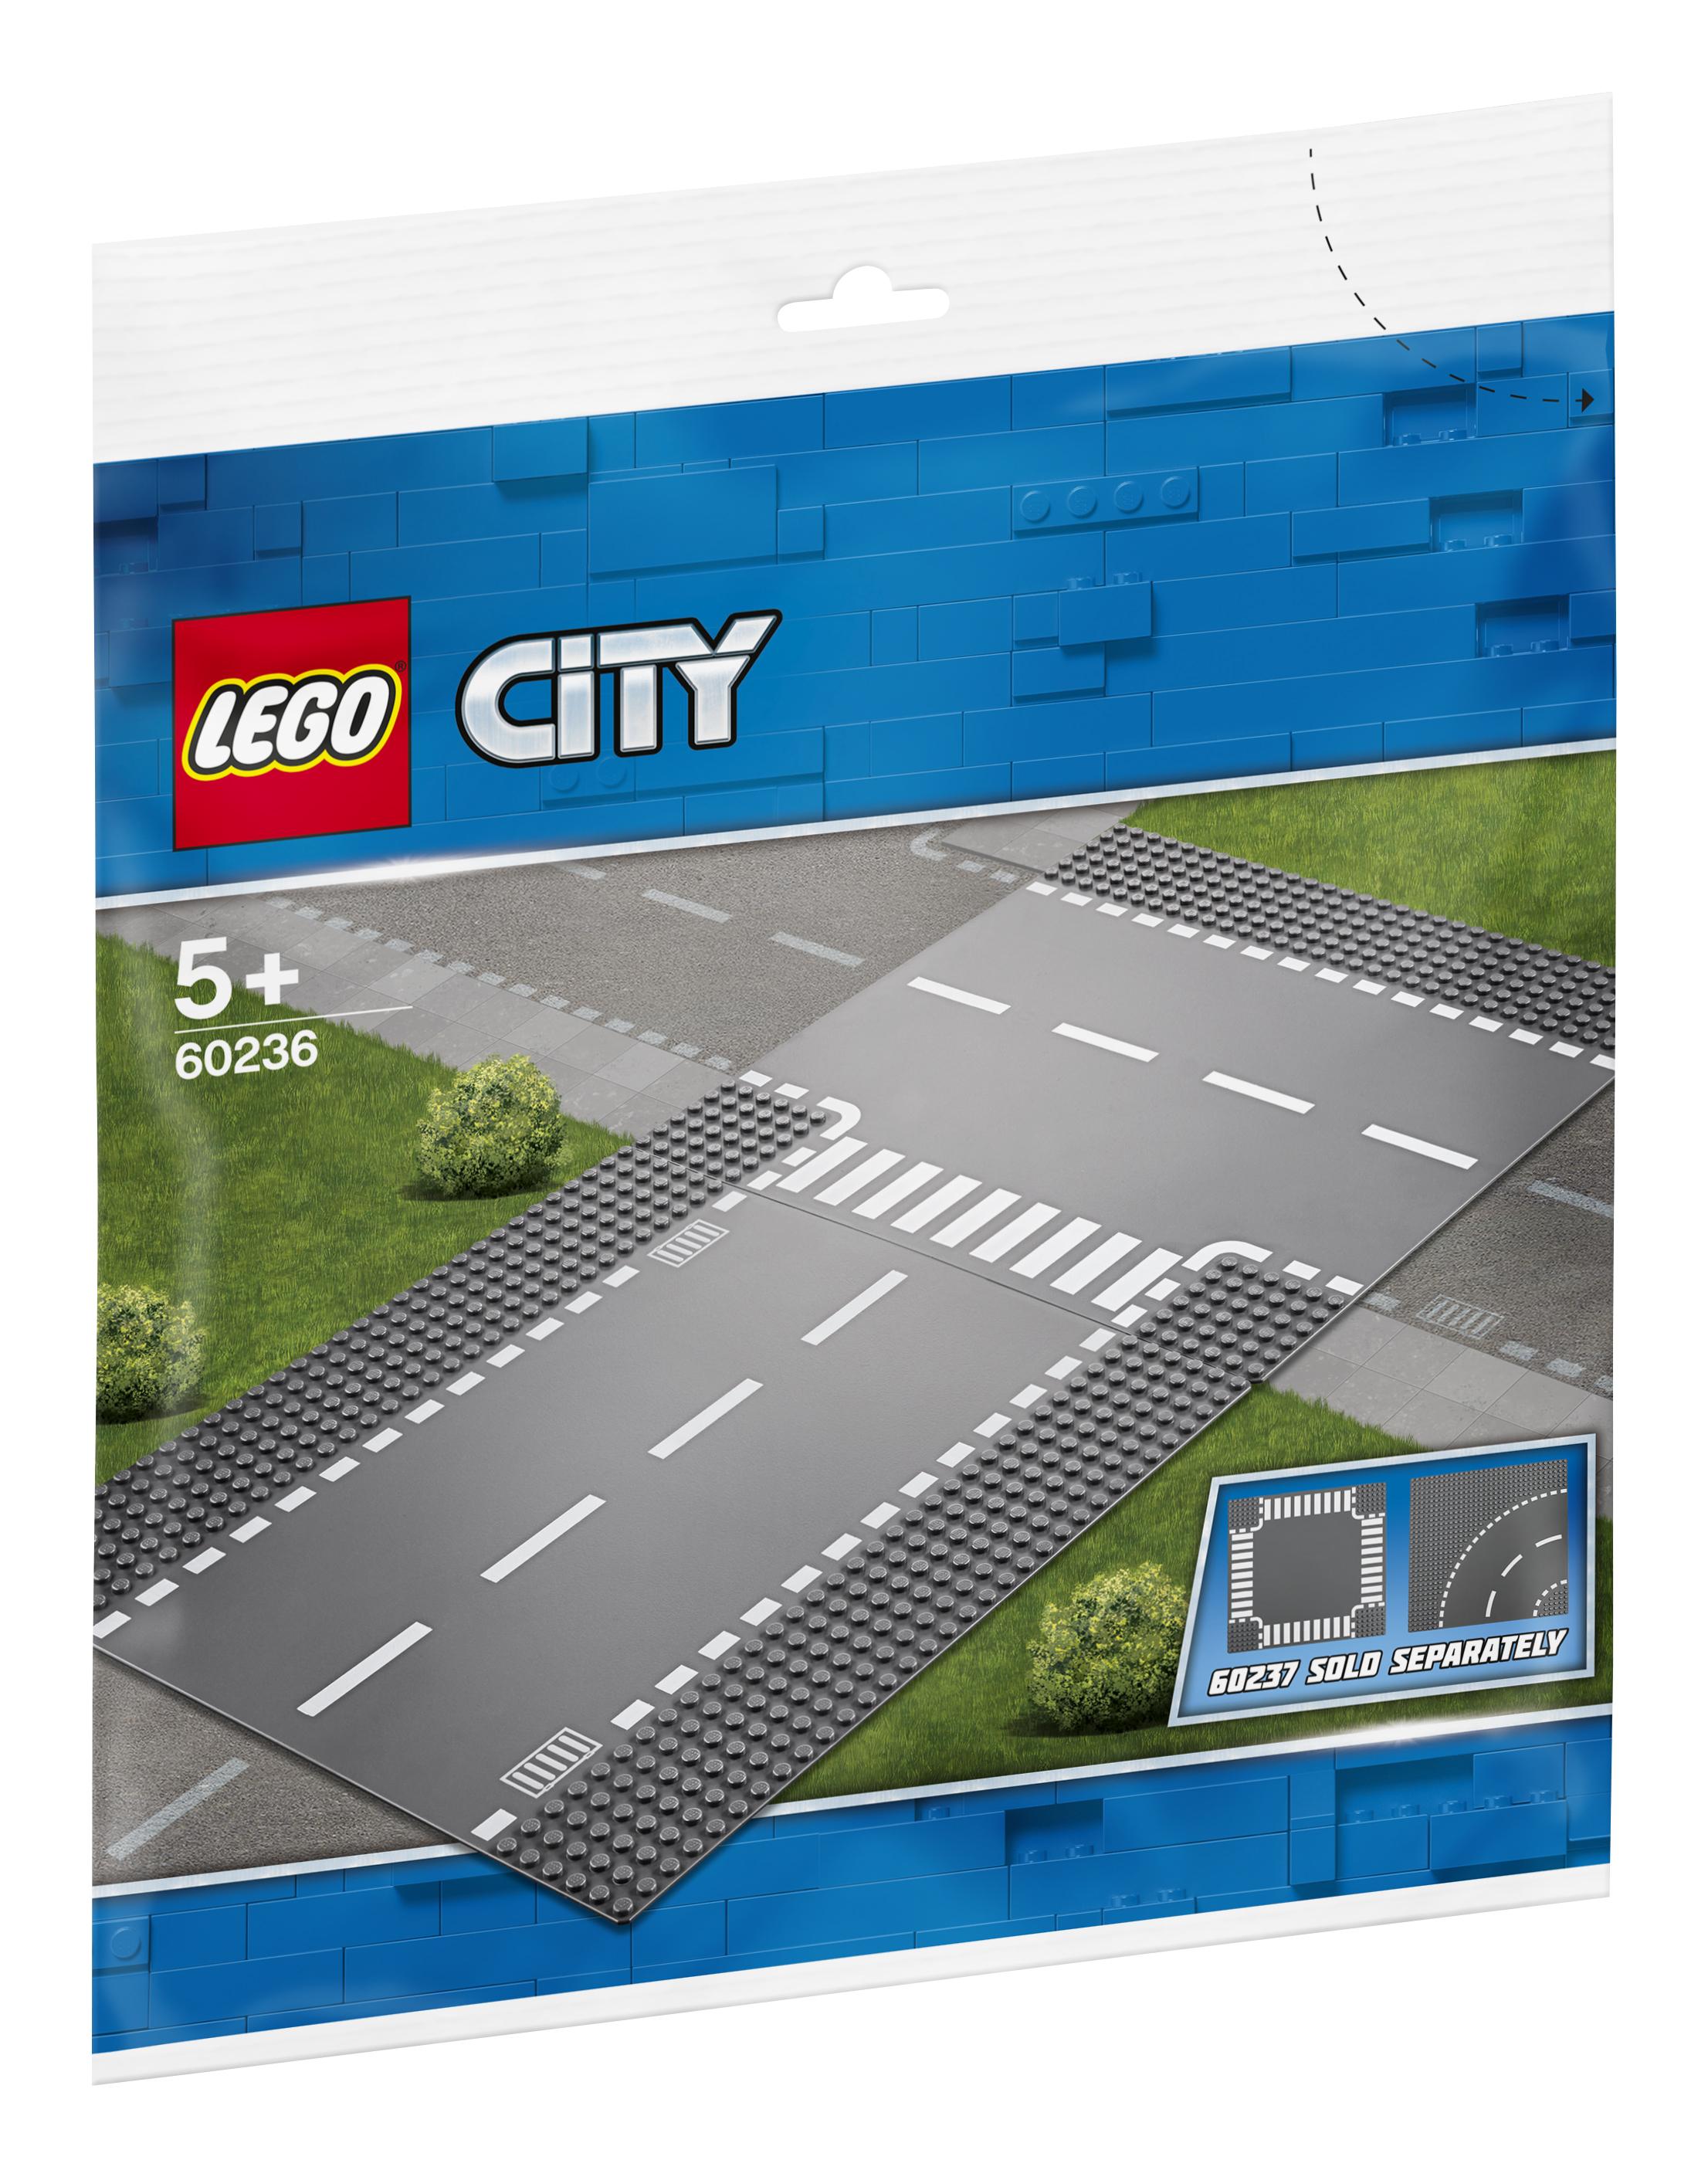 Конструктор LEGO City Supplementary 60236 Прямой и Т-образный перекрёсток lego city 60236 конструктор лего город прямой и т образный перекрёсток